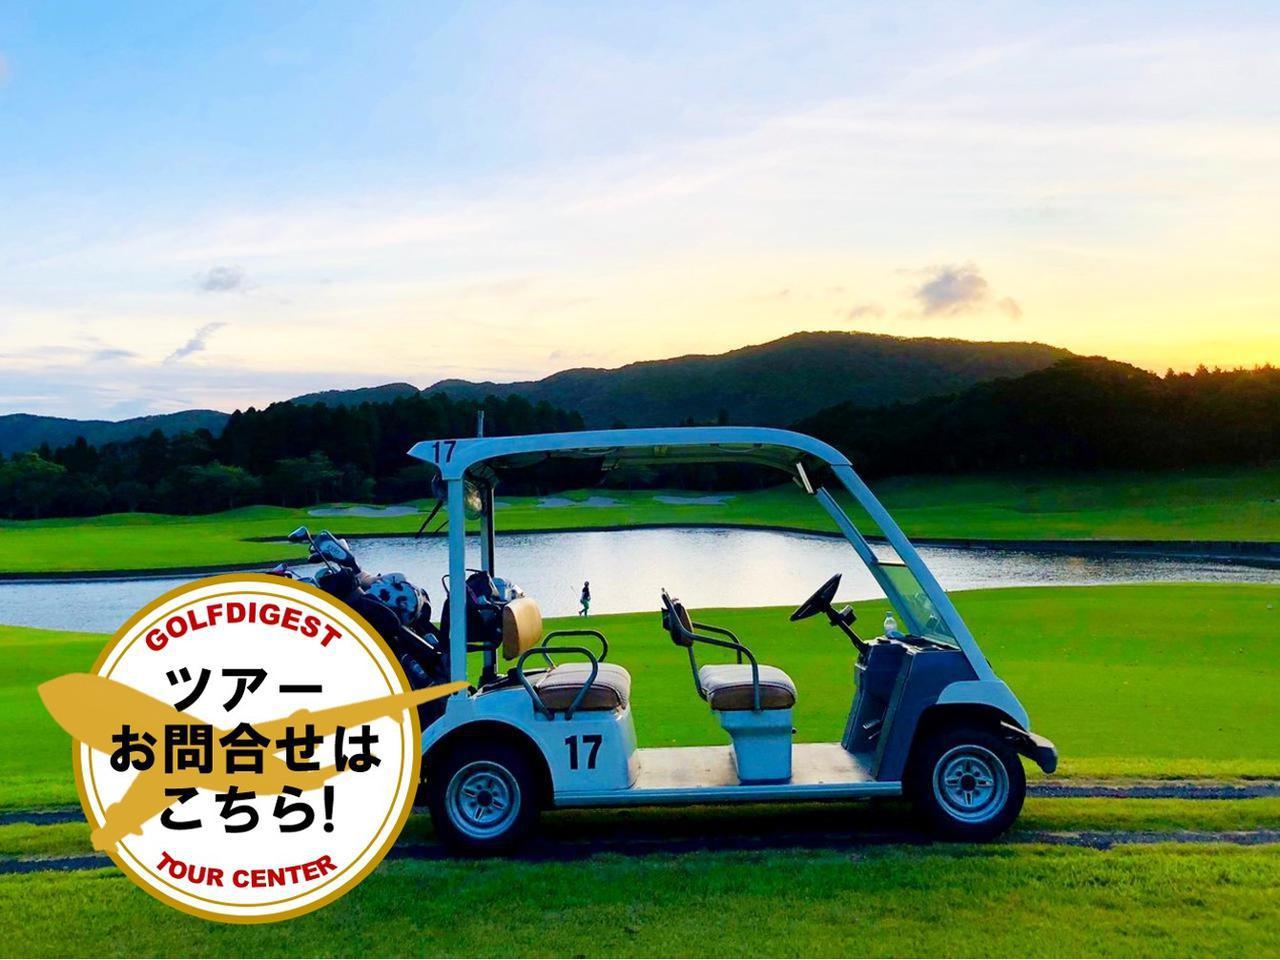 画像: 【鹿児島・名コース】南国の隠れた宝石、鹿児島高牧CC、知覧CCを回る 2日間 2プレー(送迎付き) - ゴルフへ行こうWEB by ゴルフダイジェスト